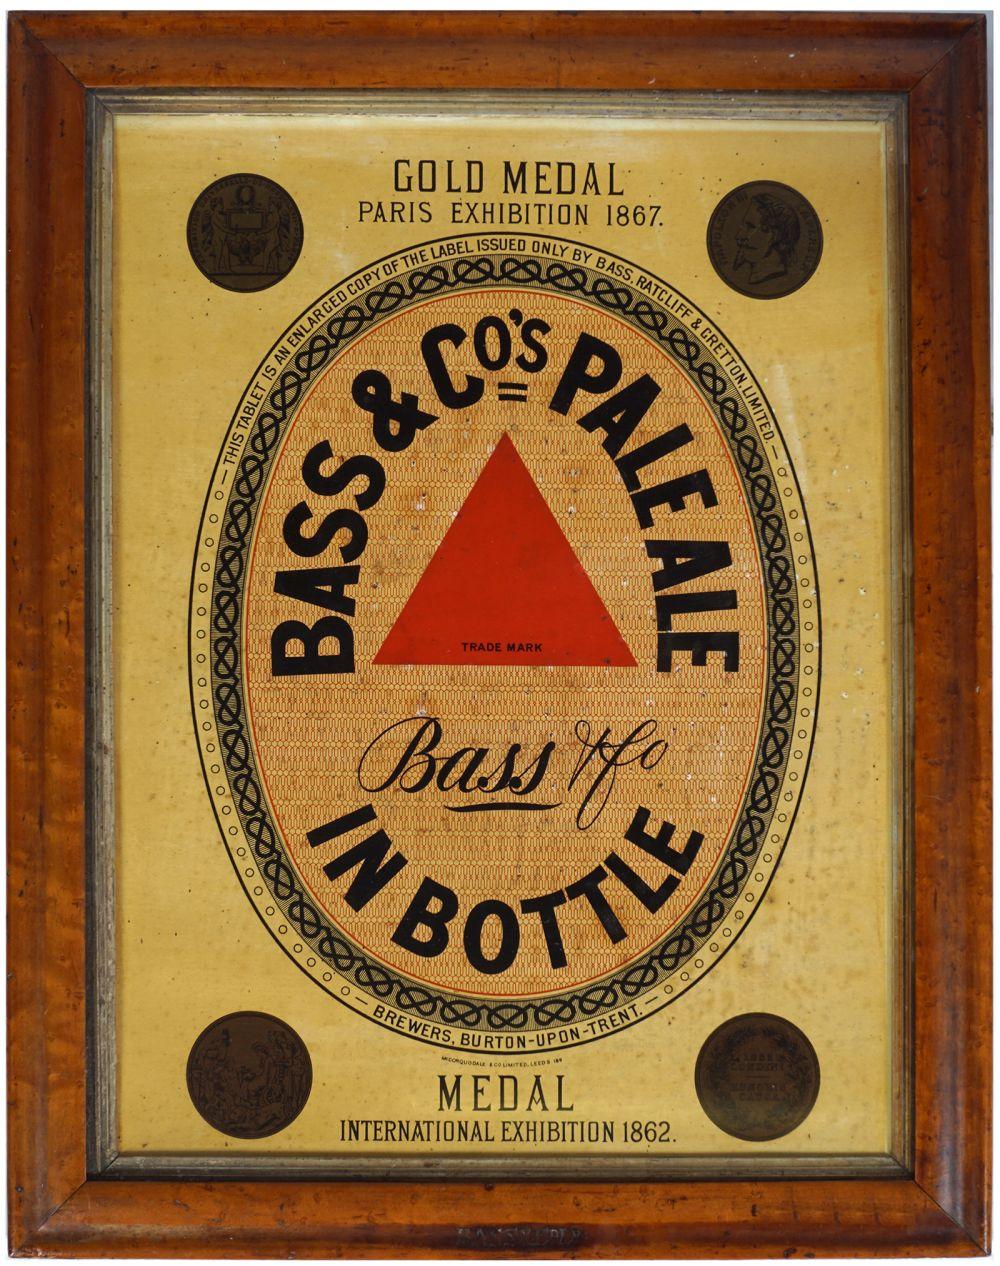 BASS & CO'S PALE ALE ORIGINAL VINTAGE POSTER